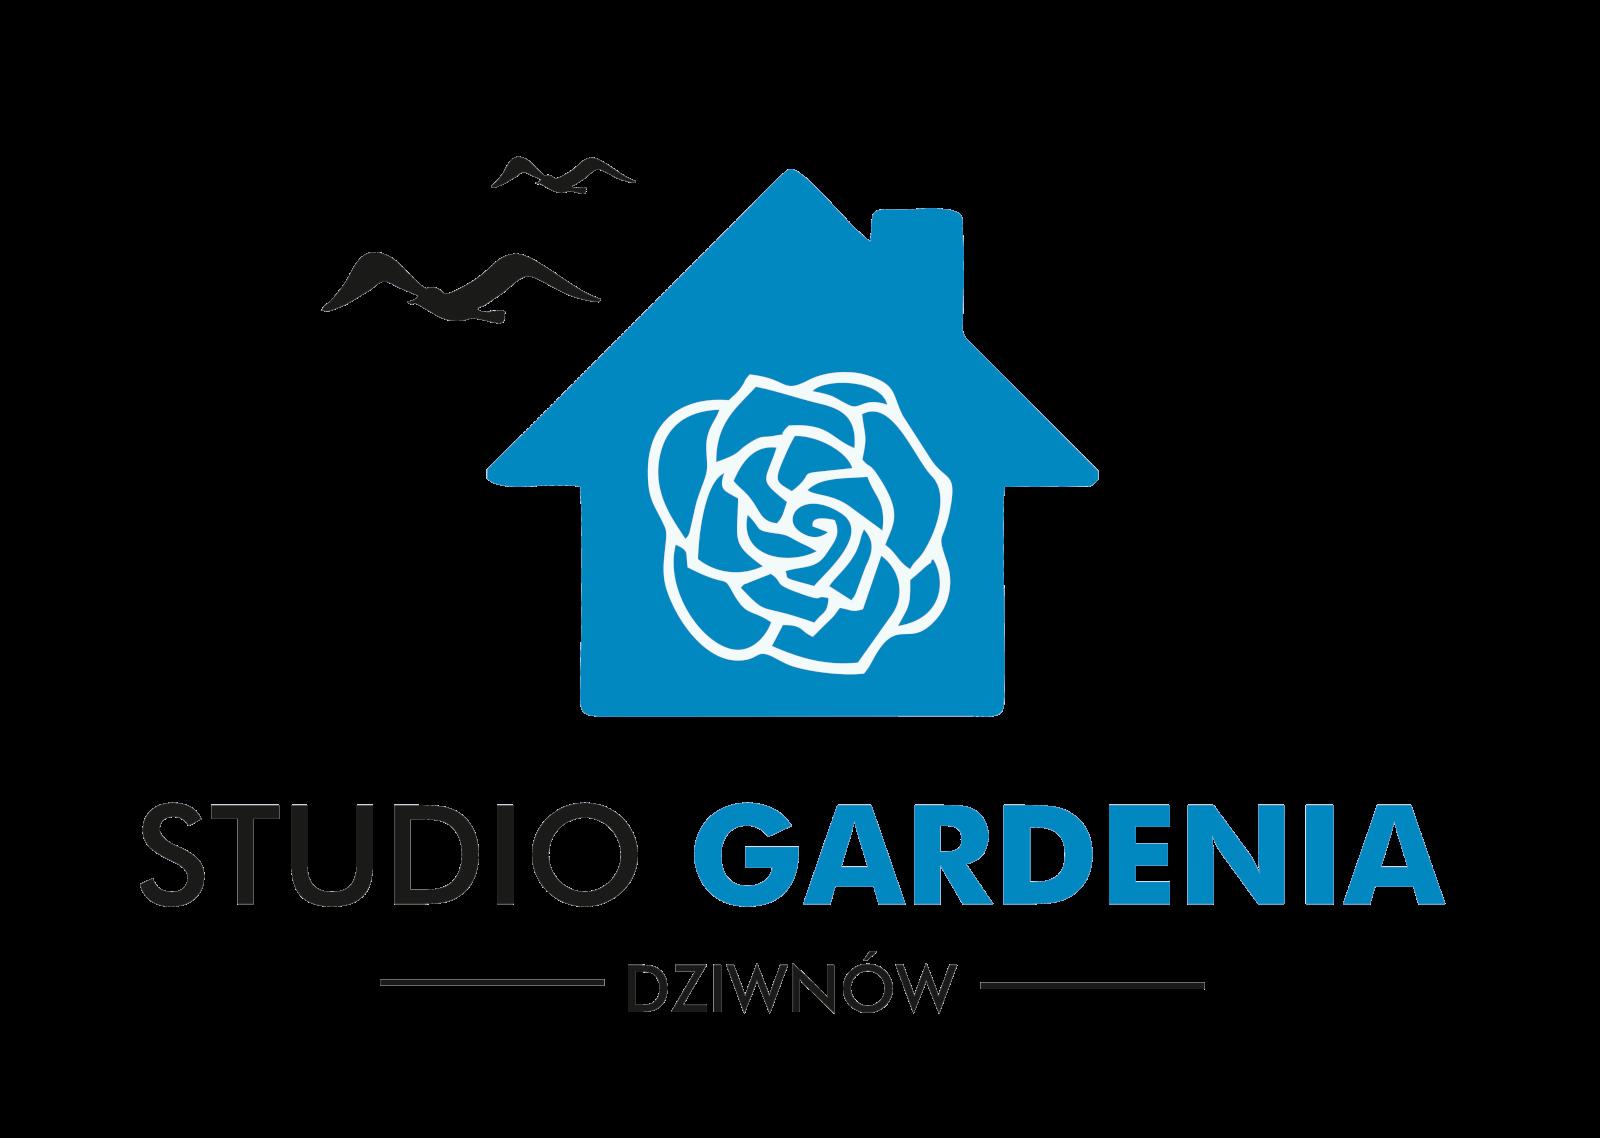 Studio Gardenia